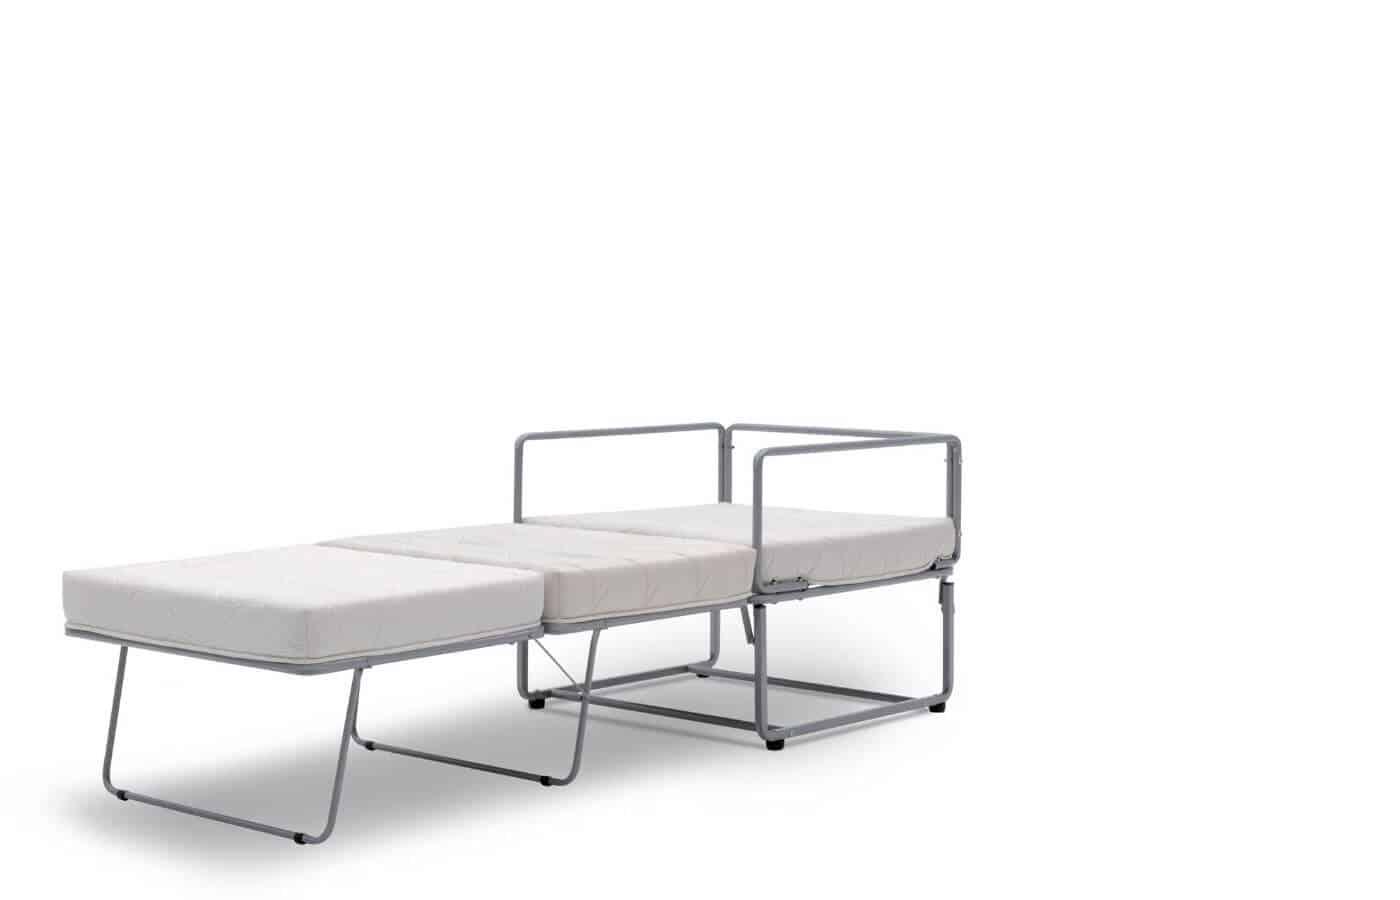 poltrone-letto-collezione-minnie-il-mobile (3)